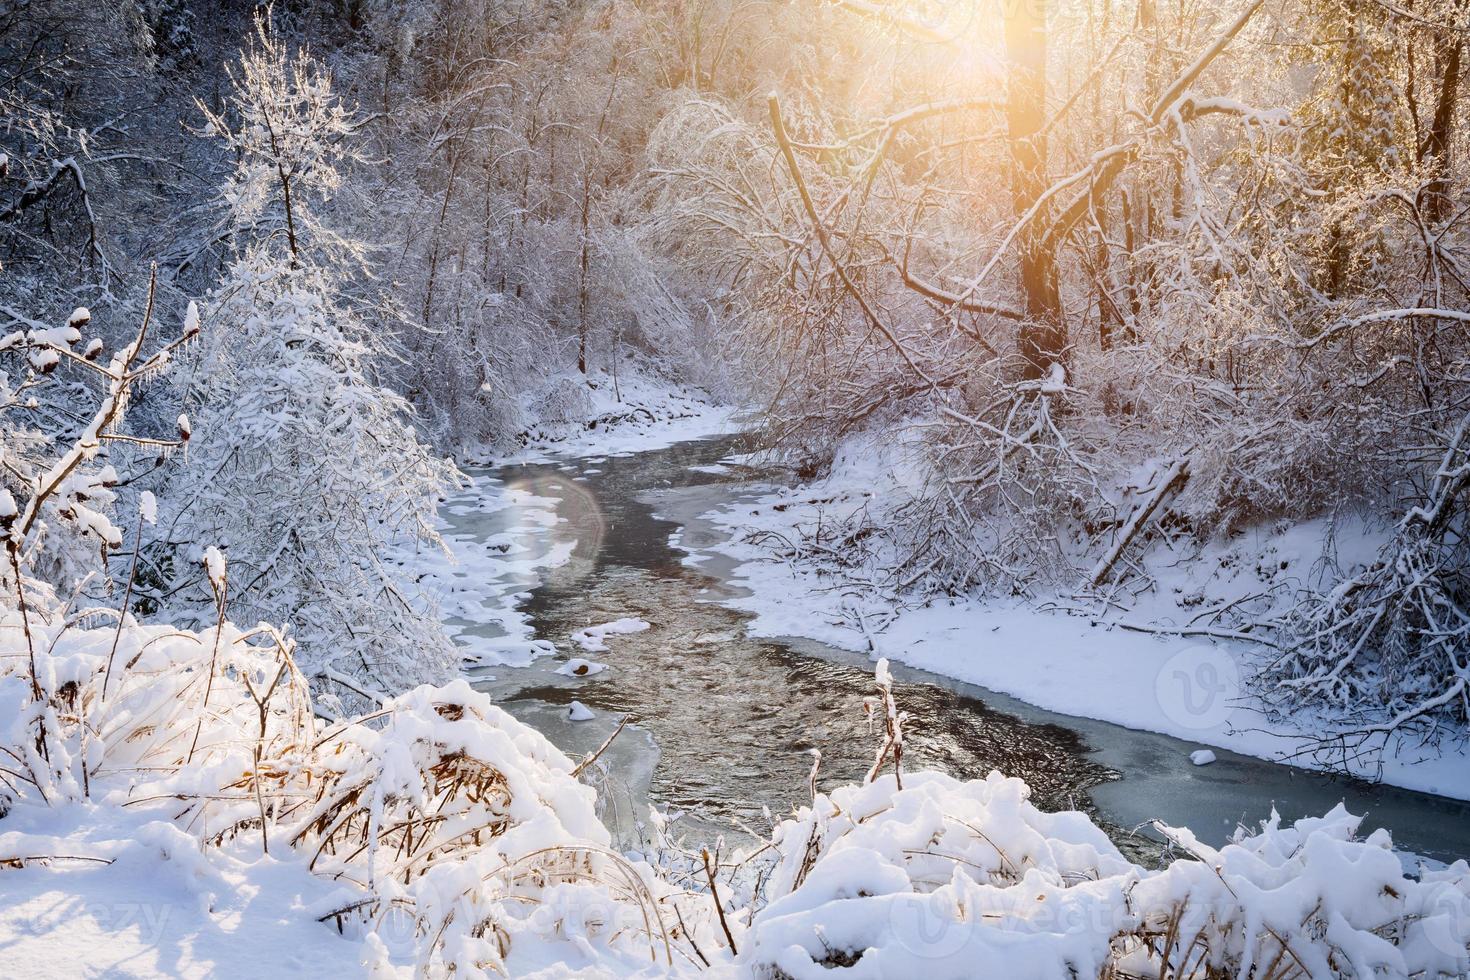 ruisseau forestier après la tempête hivernale photo